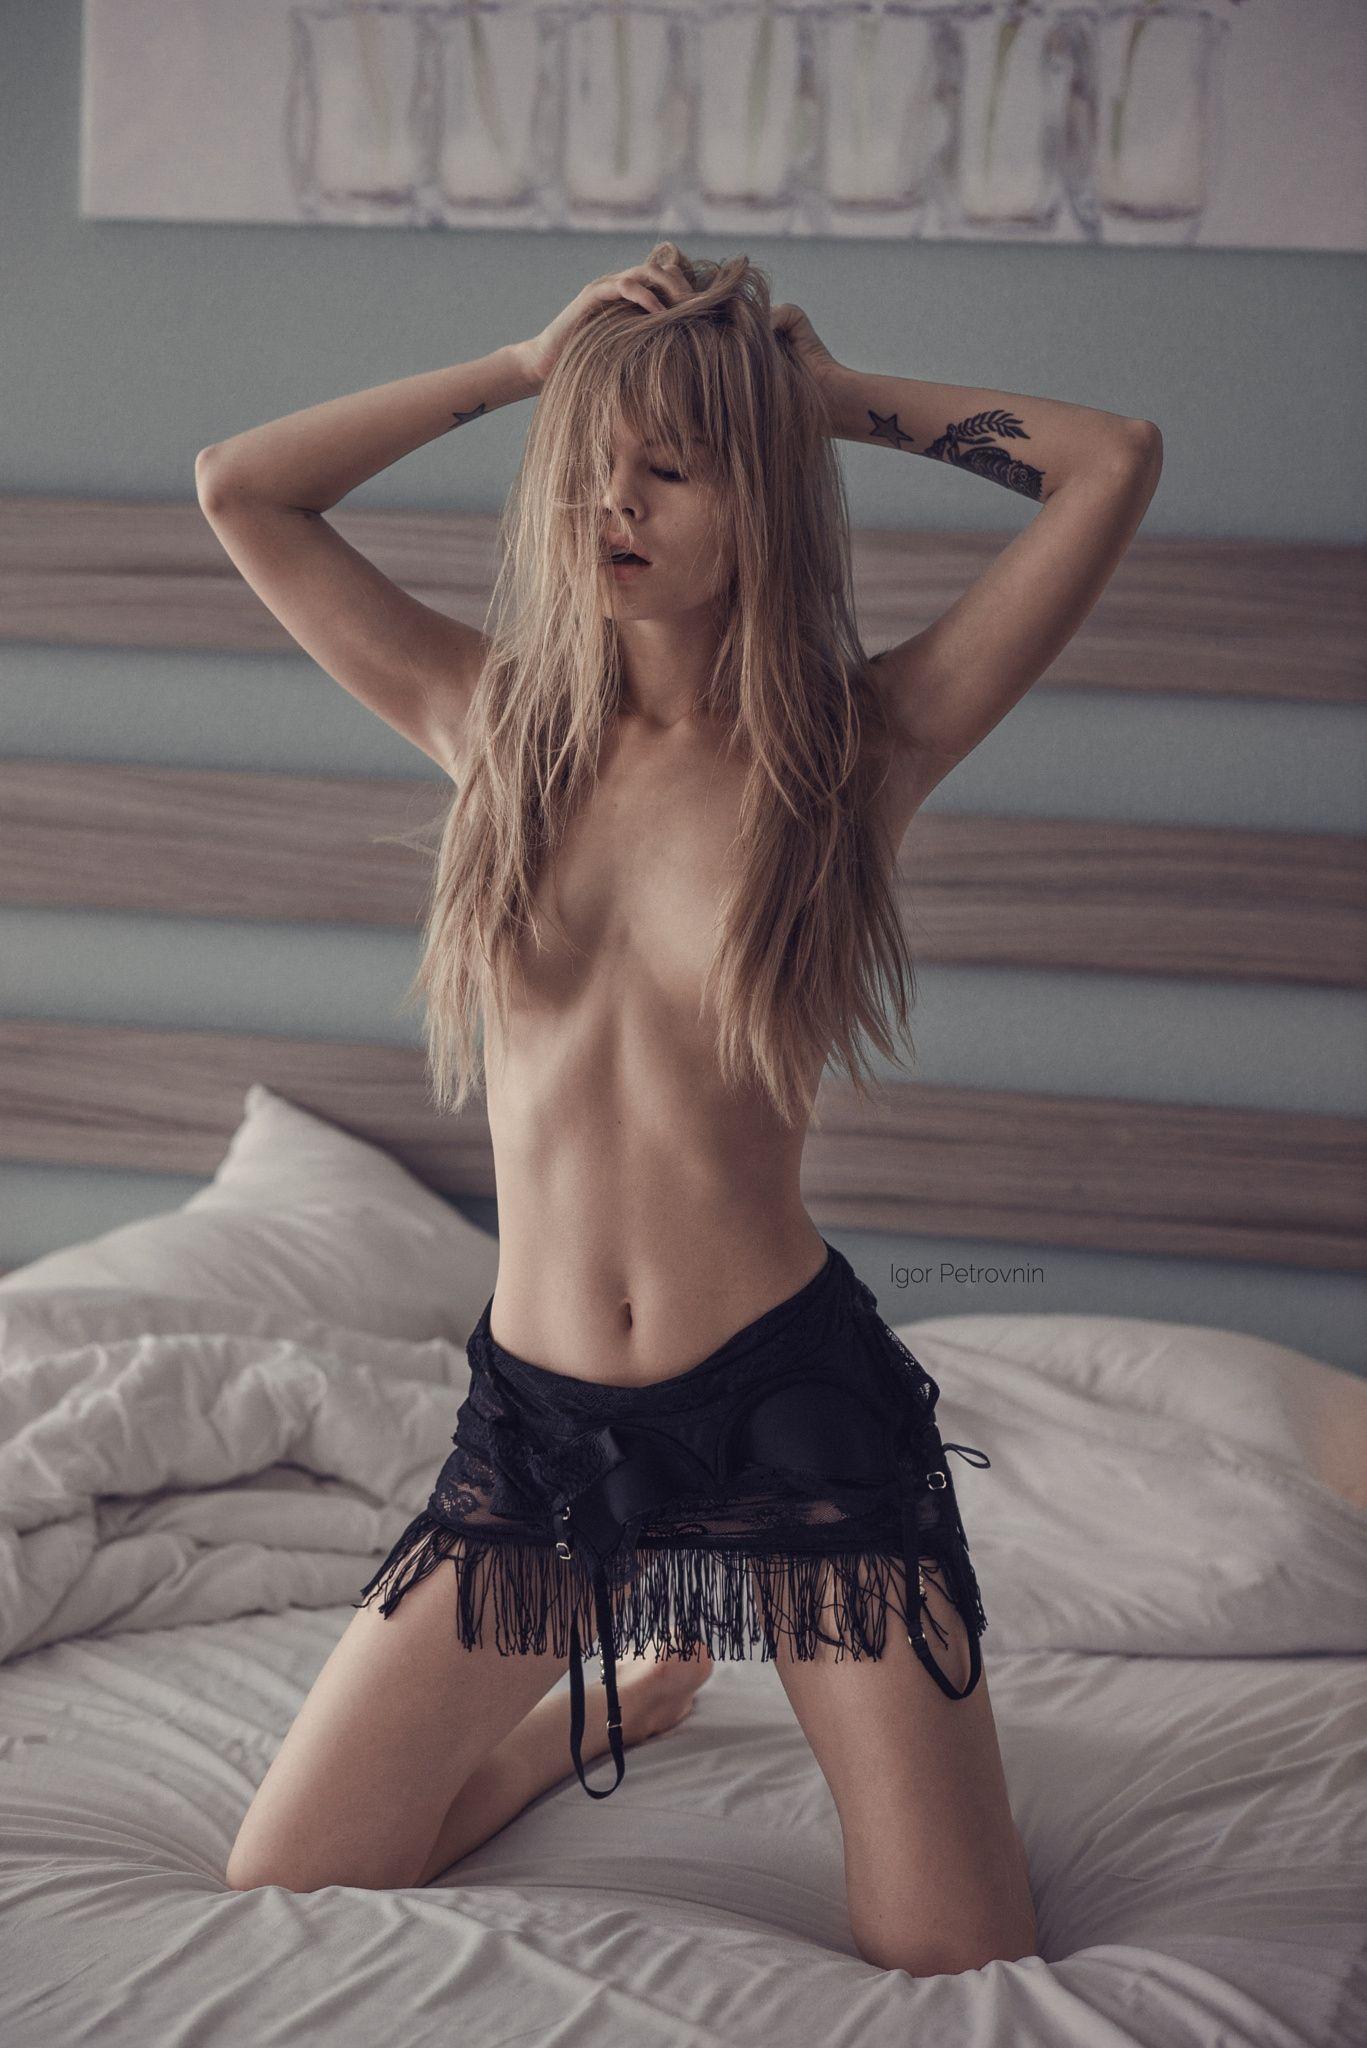 amateur huge cock pics